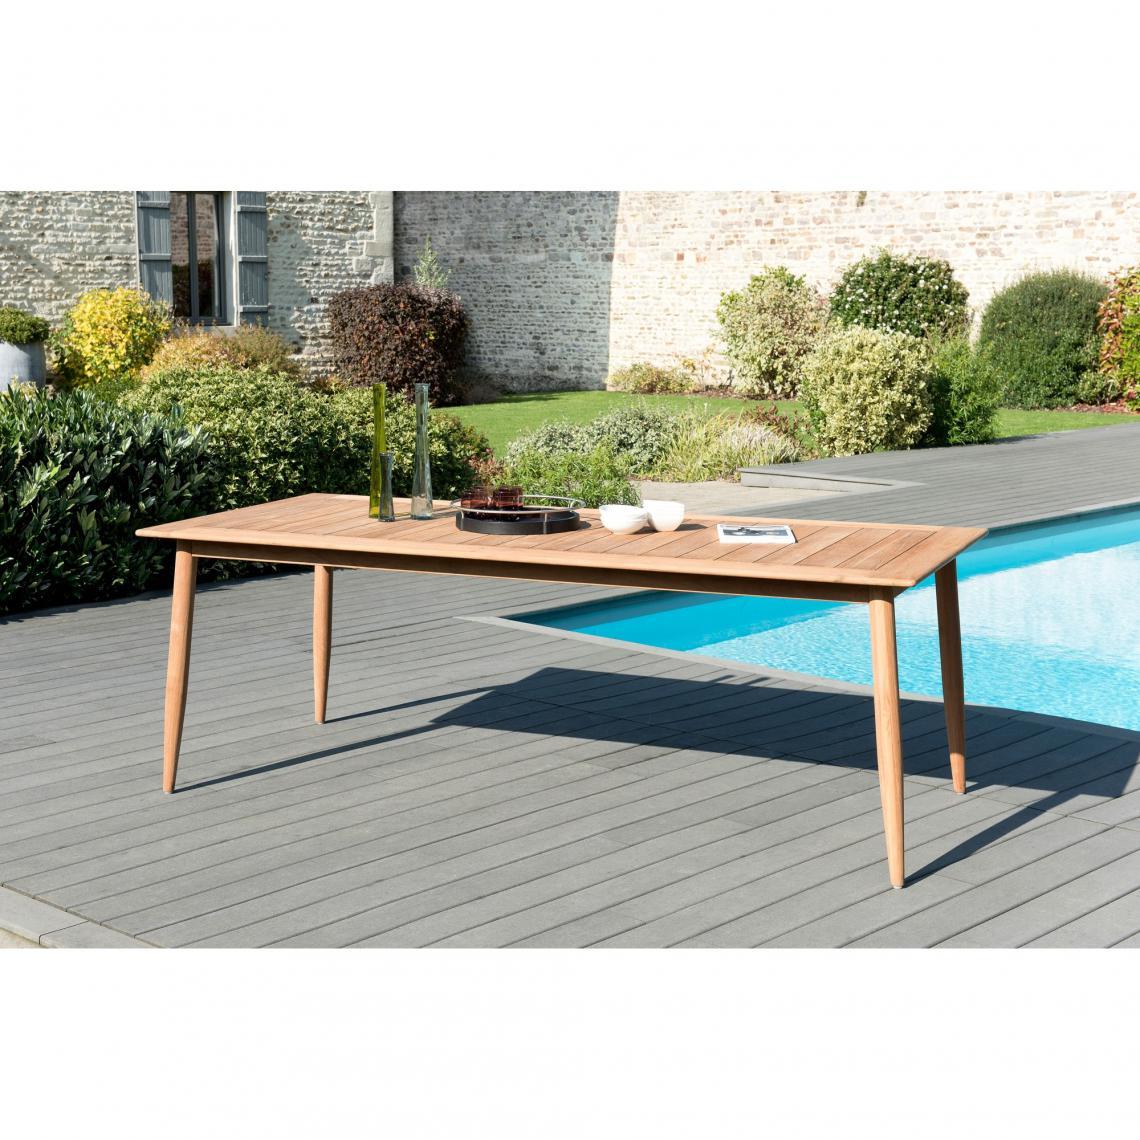 Table de jardin rectangulaire avec pieds scandinaves en teck ...